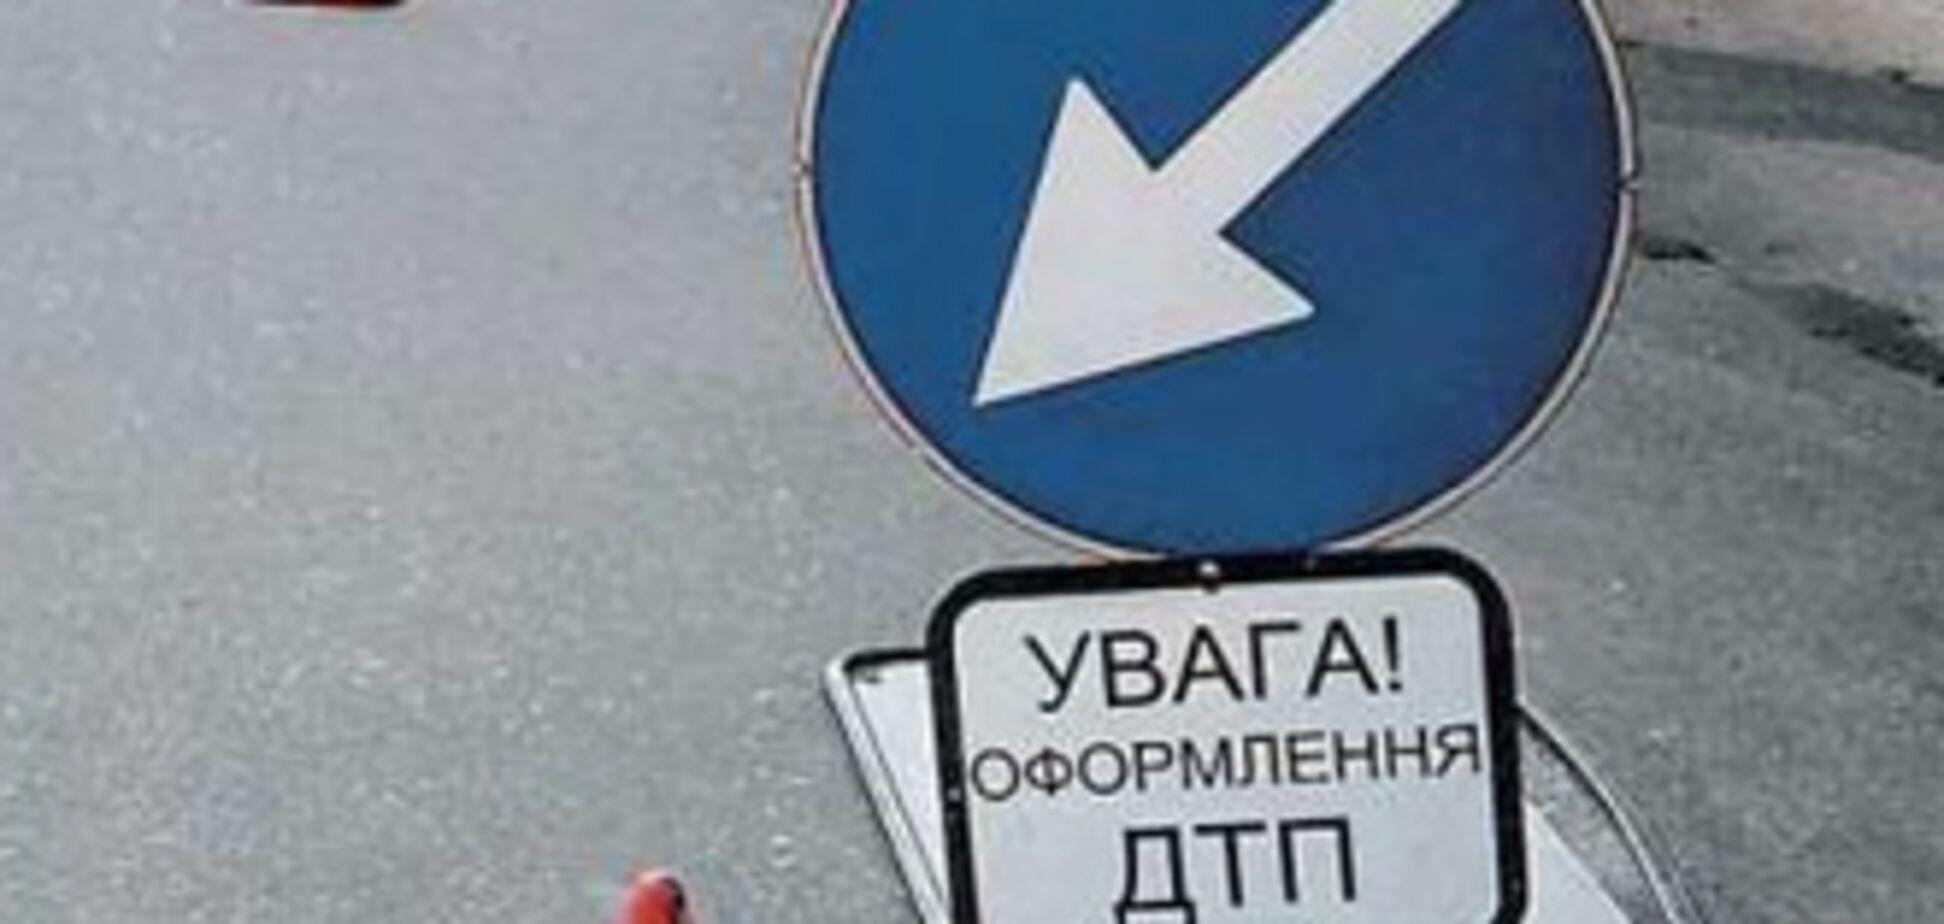 Визначені самі аварійні дороги Києва